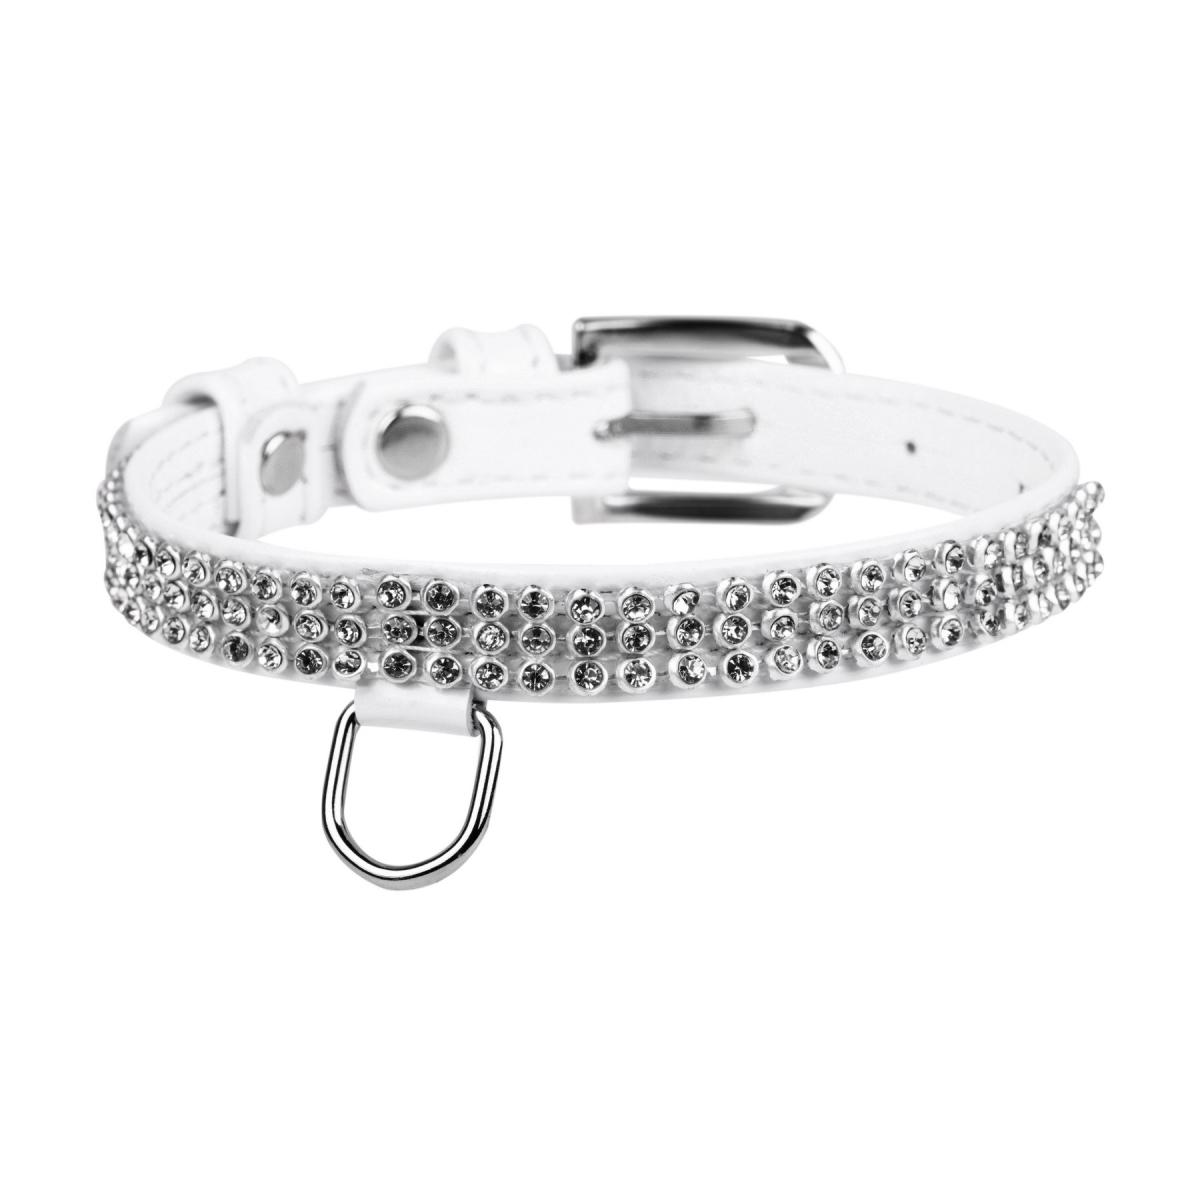 COLLAR Brilliance нашийник для собак, 9 мм/19-25 см